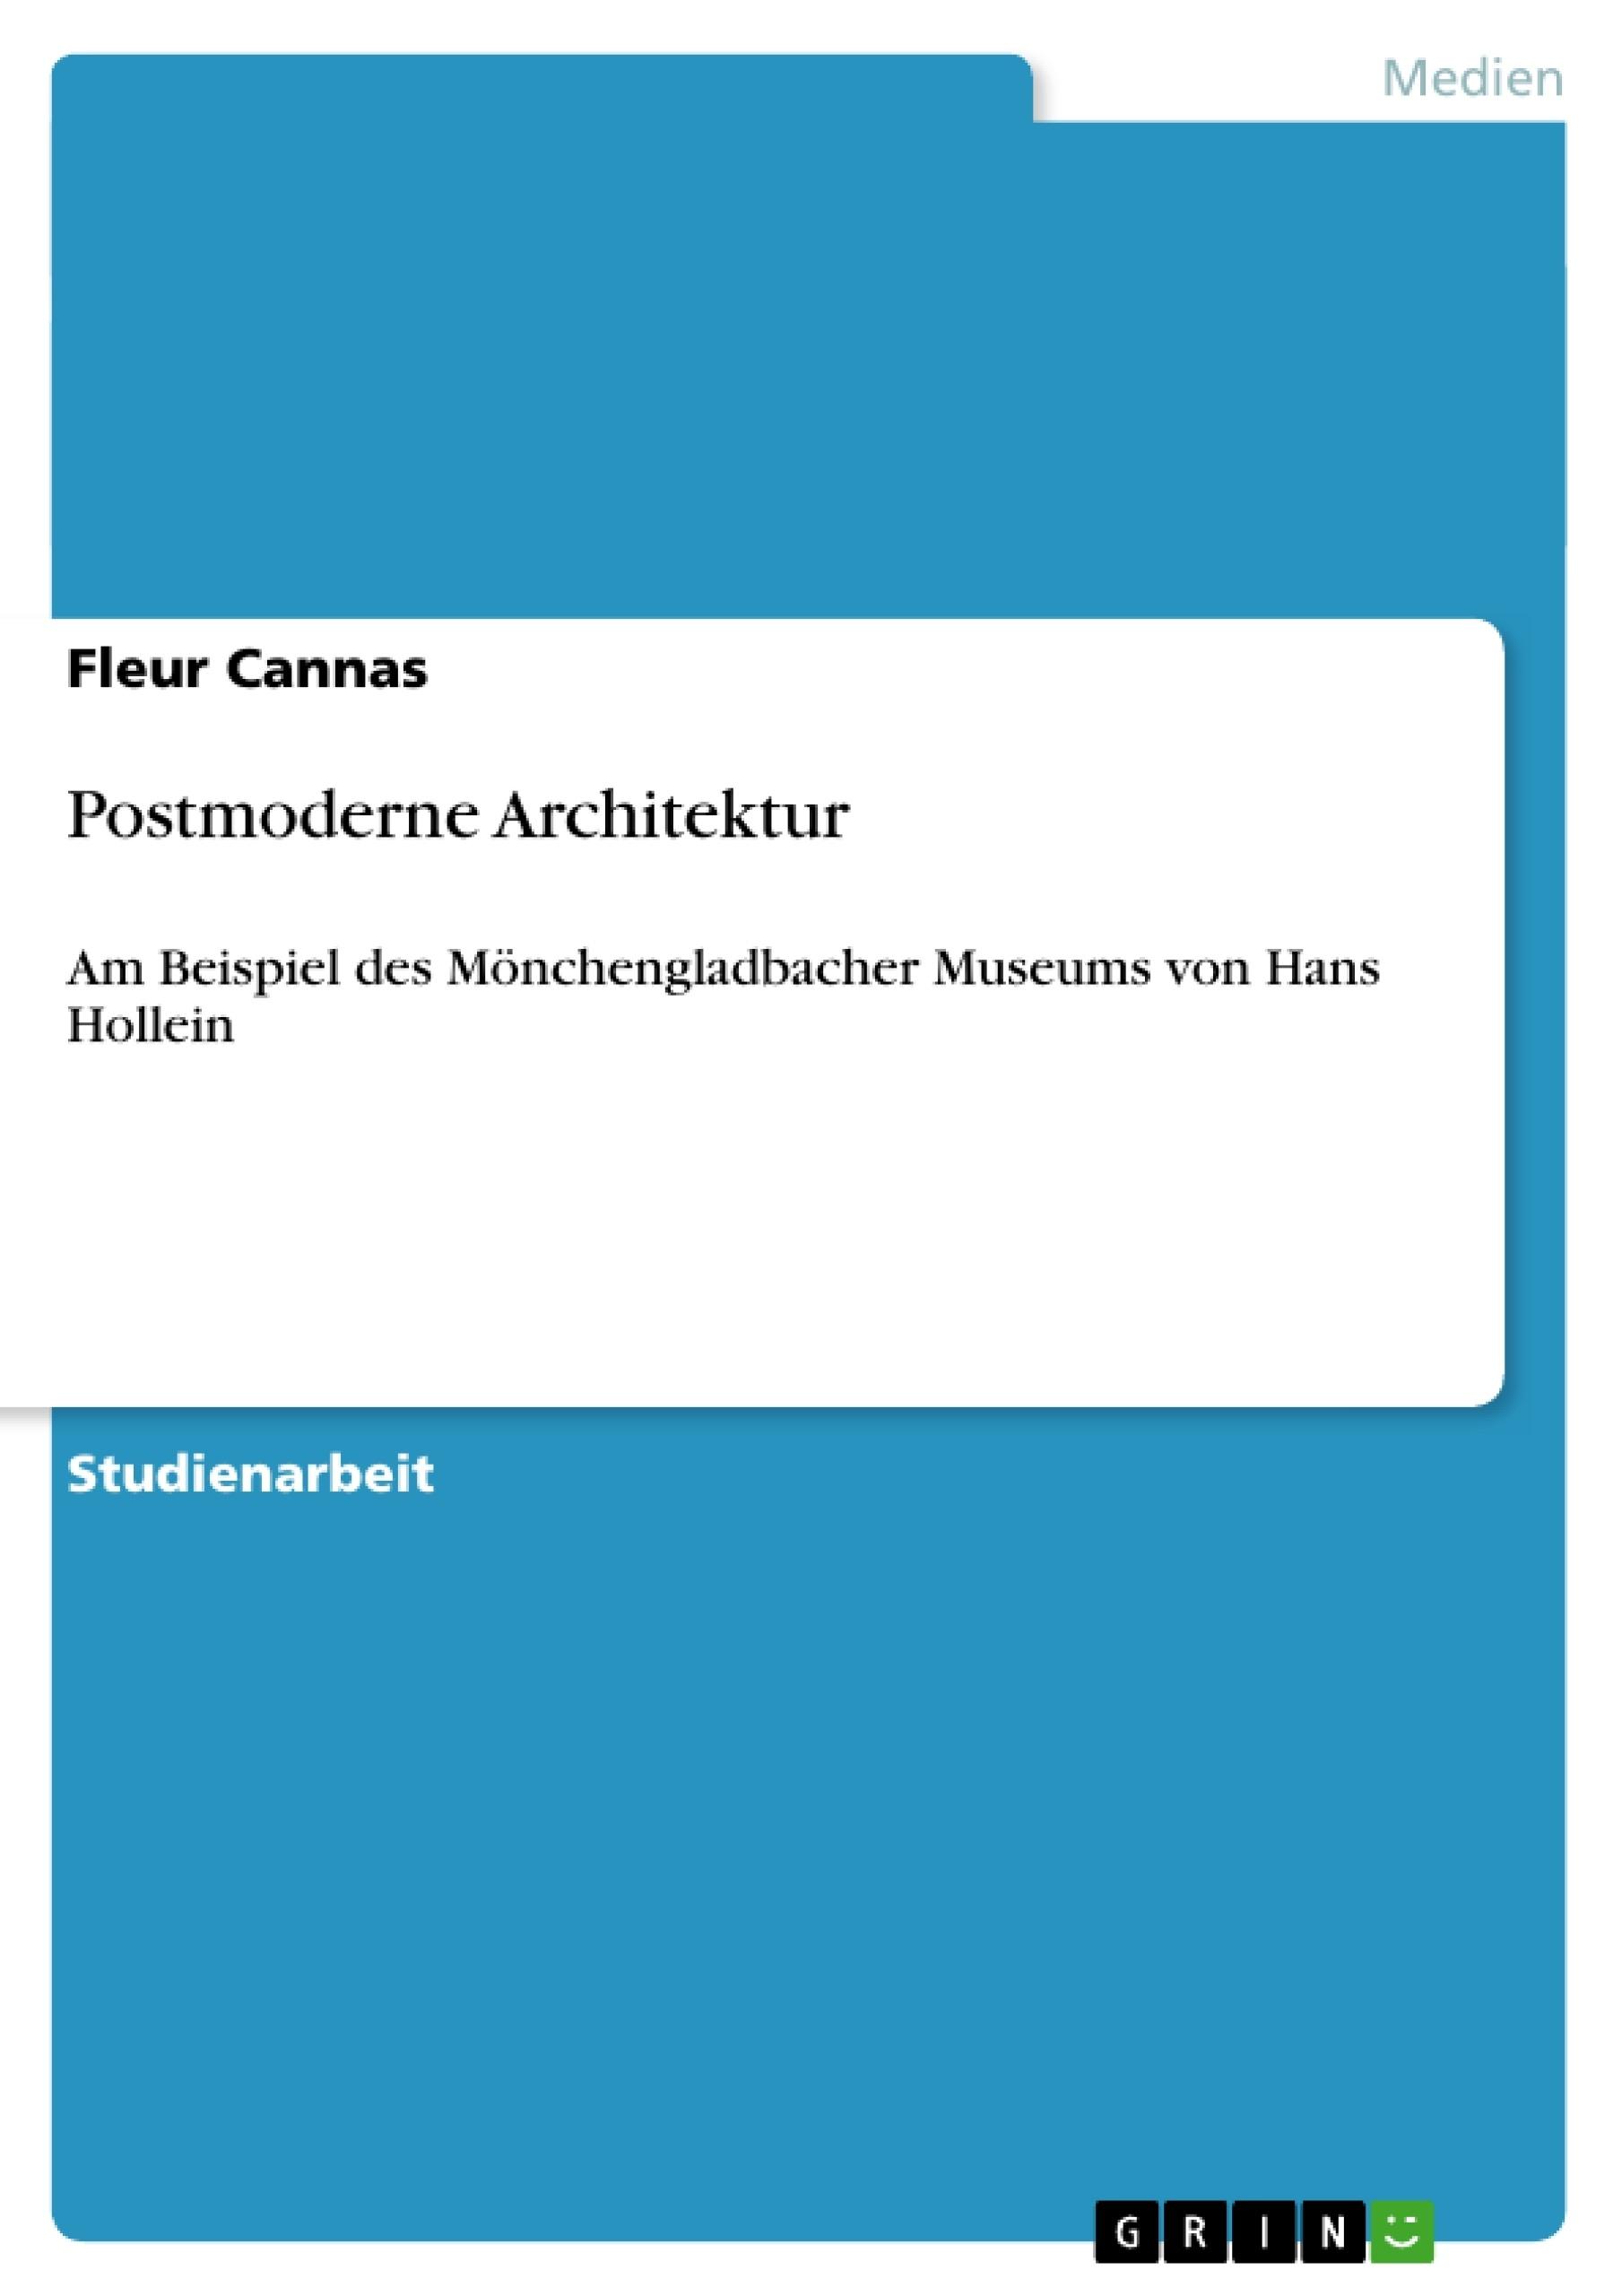 Postmoderne Architektur | Masterarbeit, Hausarbeit, Bachelorarbeit ...